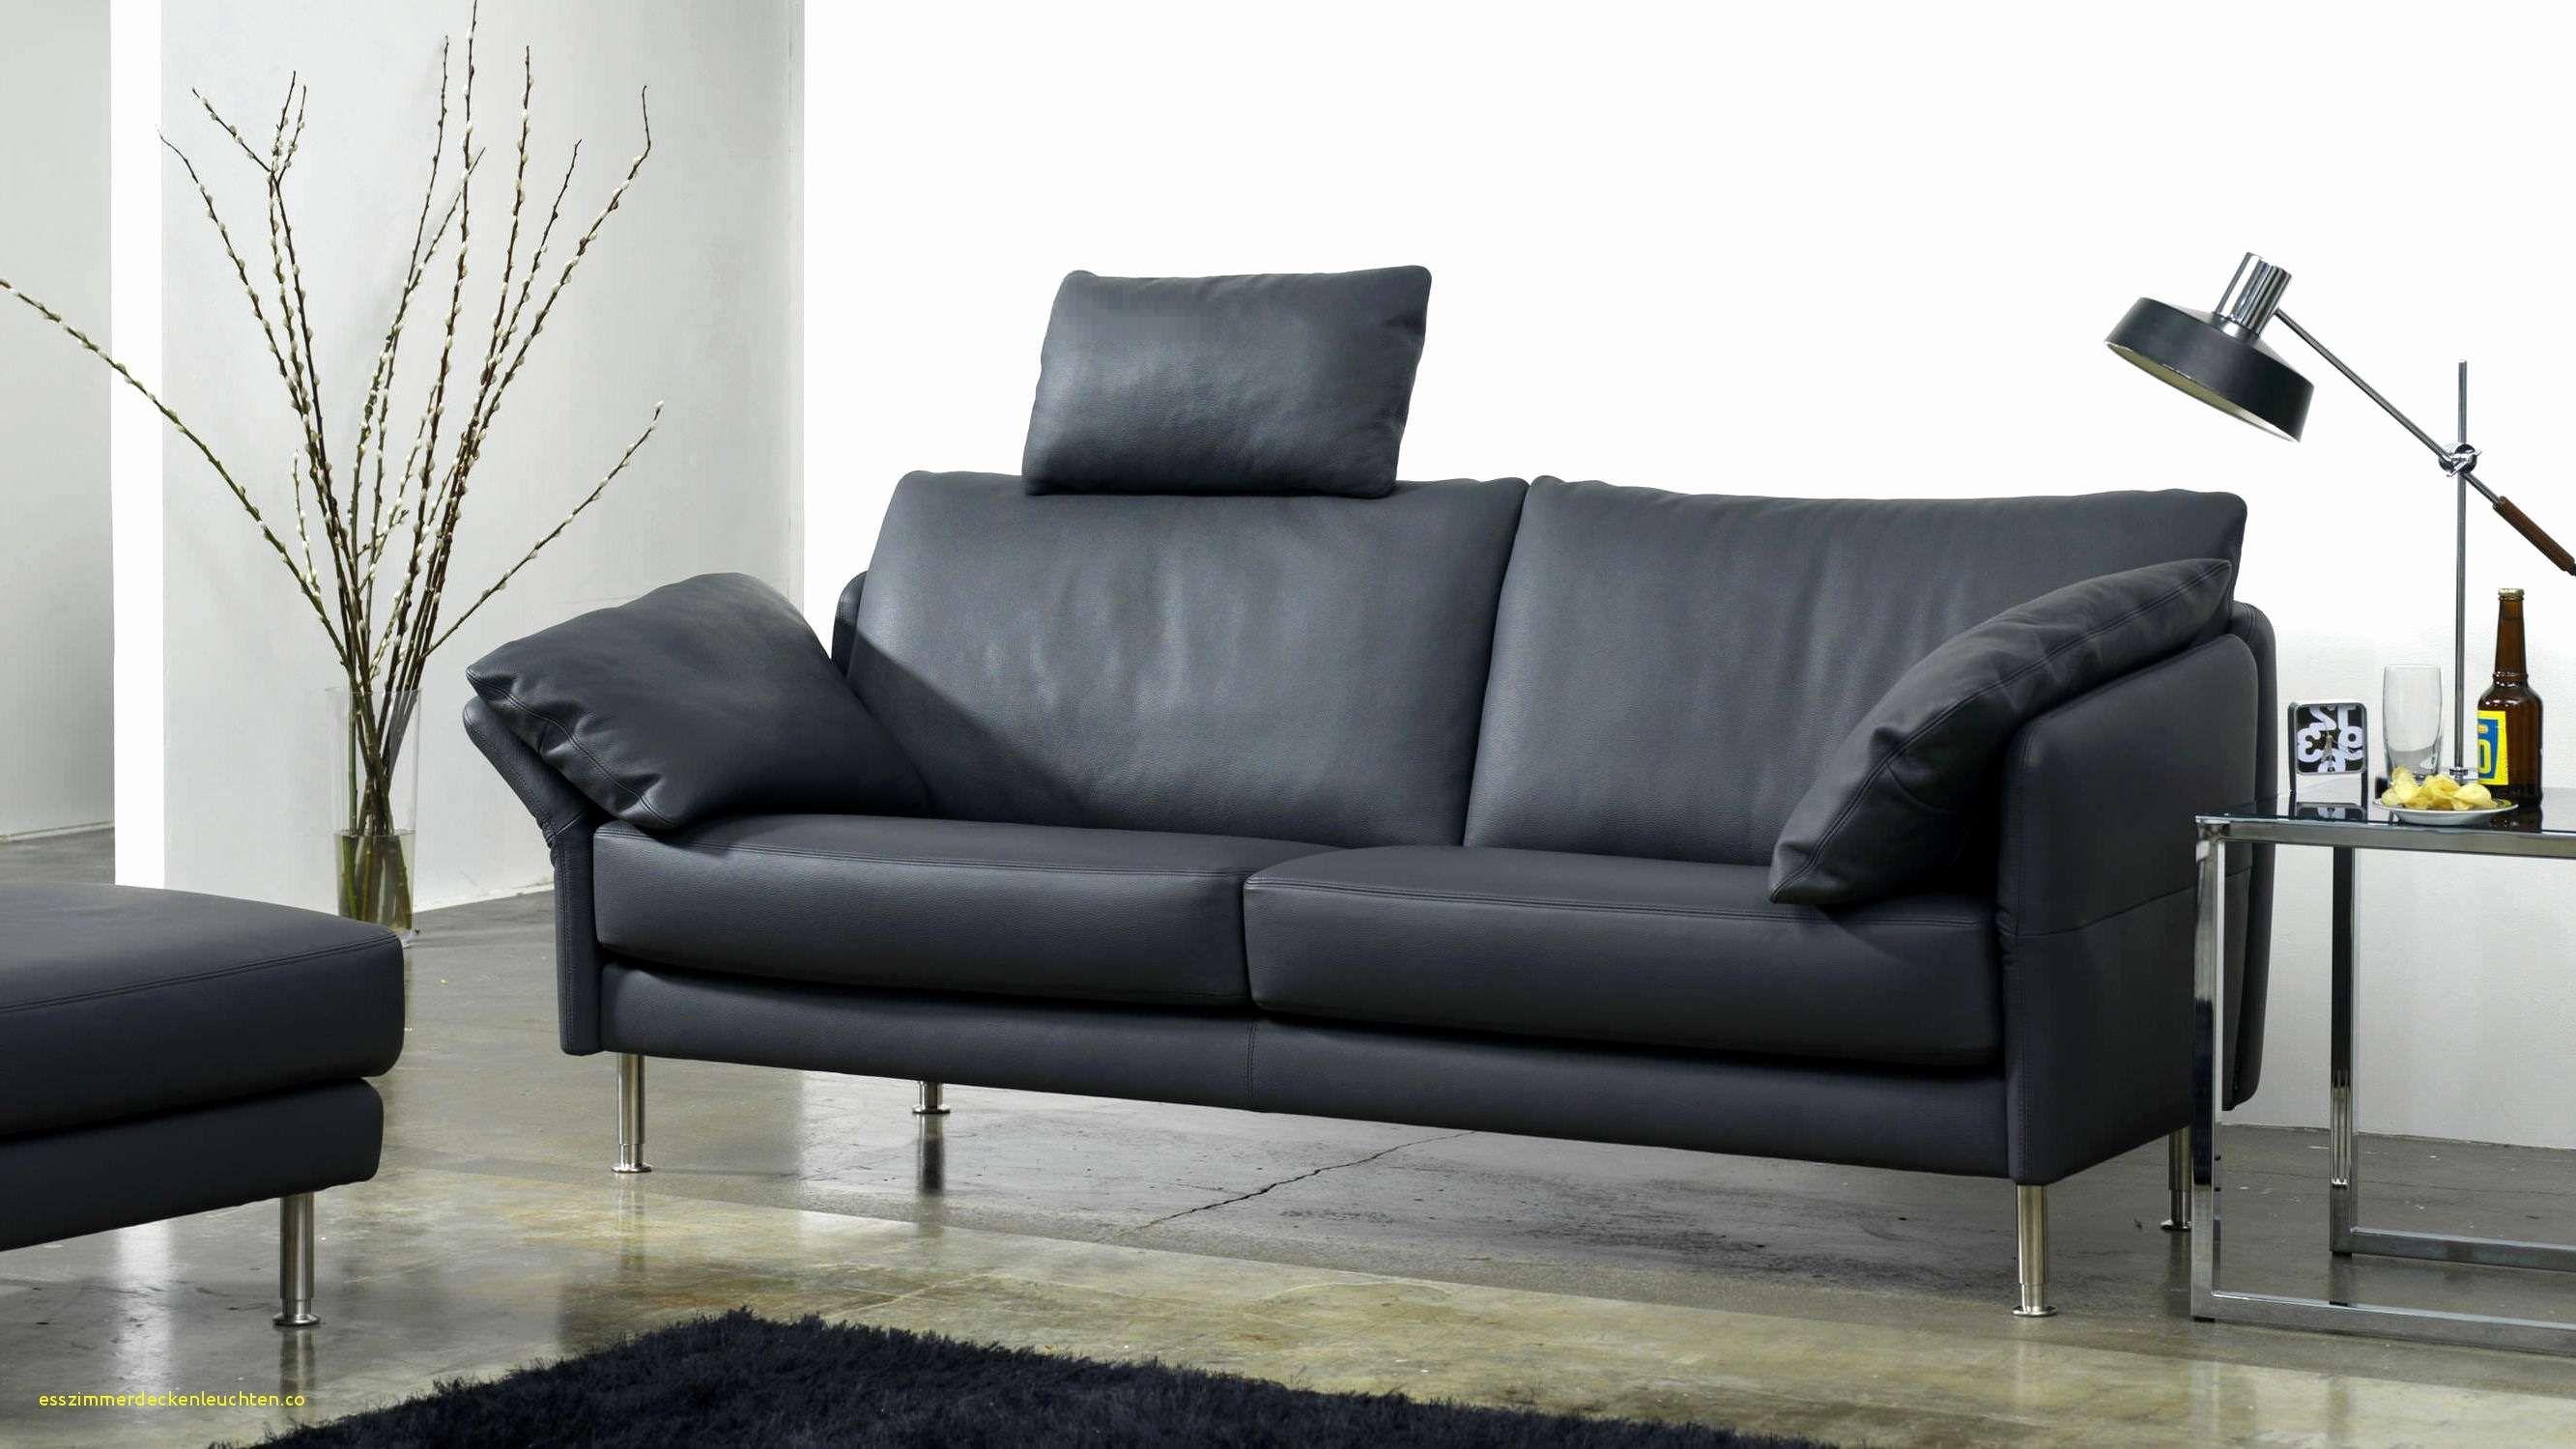 Sofas In U Form Sofas U Form Perfect Schlafsofa Beste Sofa U Form Xxl Coch Big In 2020 Classic Sofa Sofa Diy Furniture Bedroom